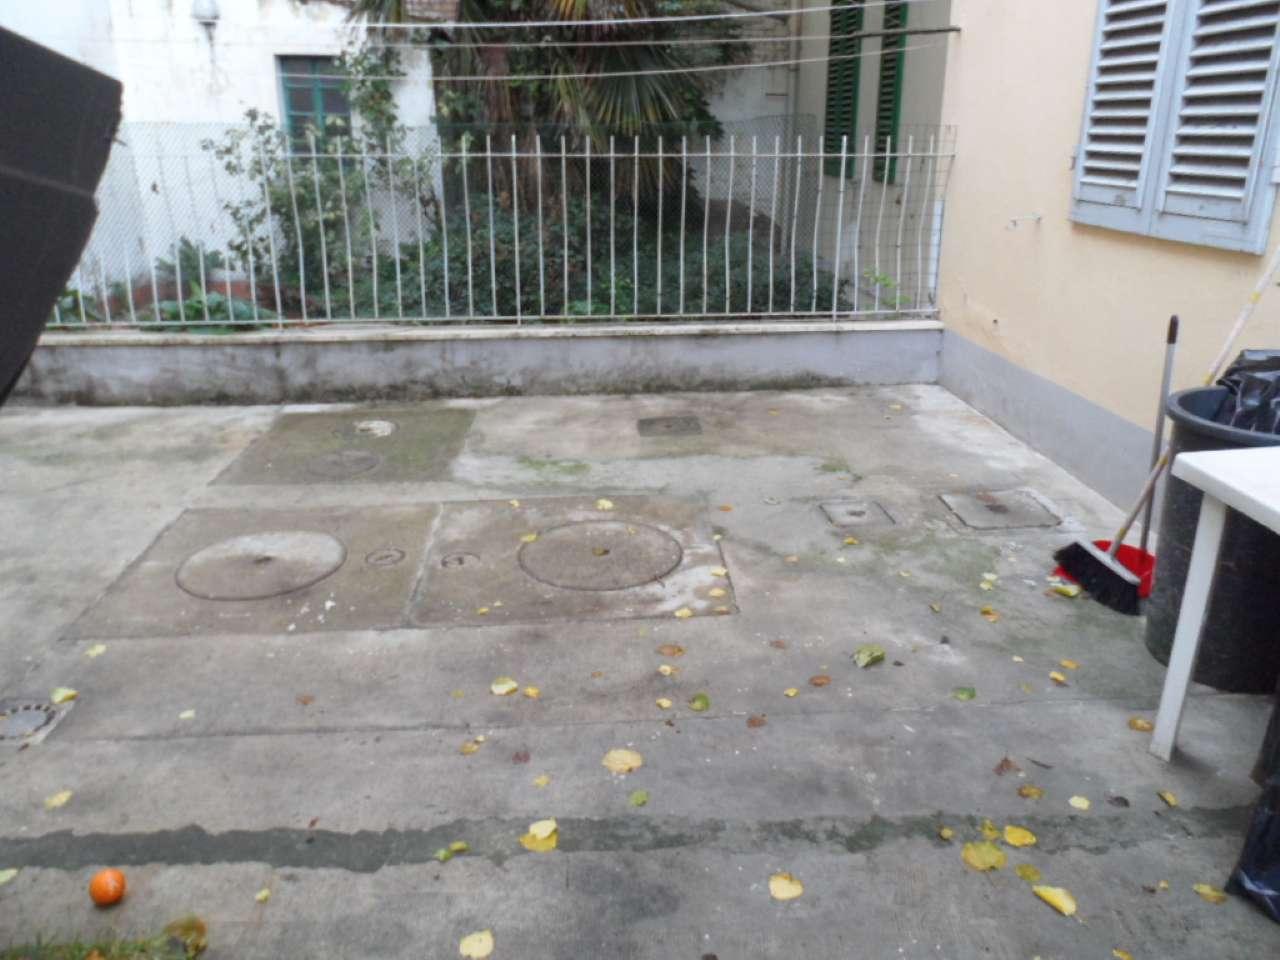 Palazzo / Stabile in vendita a Prato, 6 locali, prezzo € 285.000 | CambioCasa.it